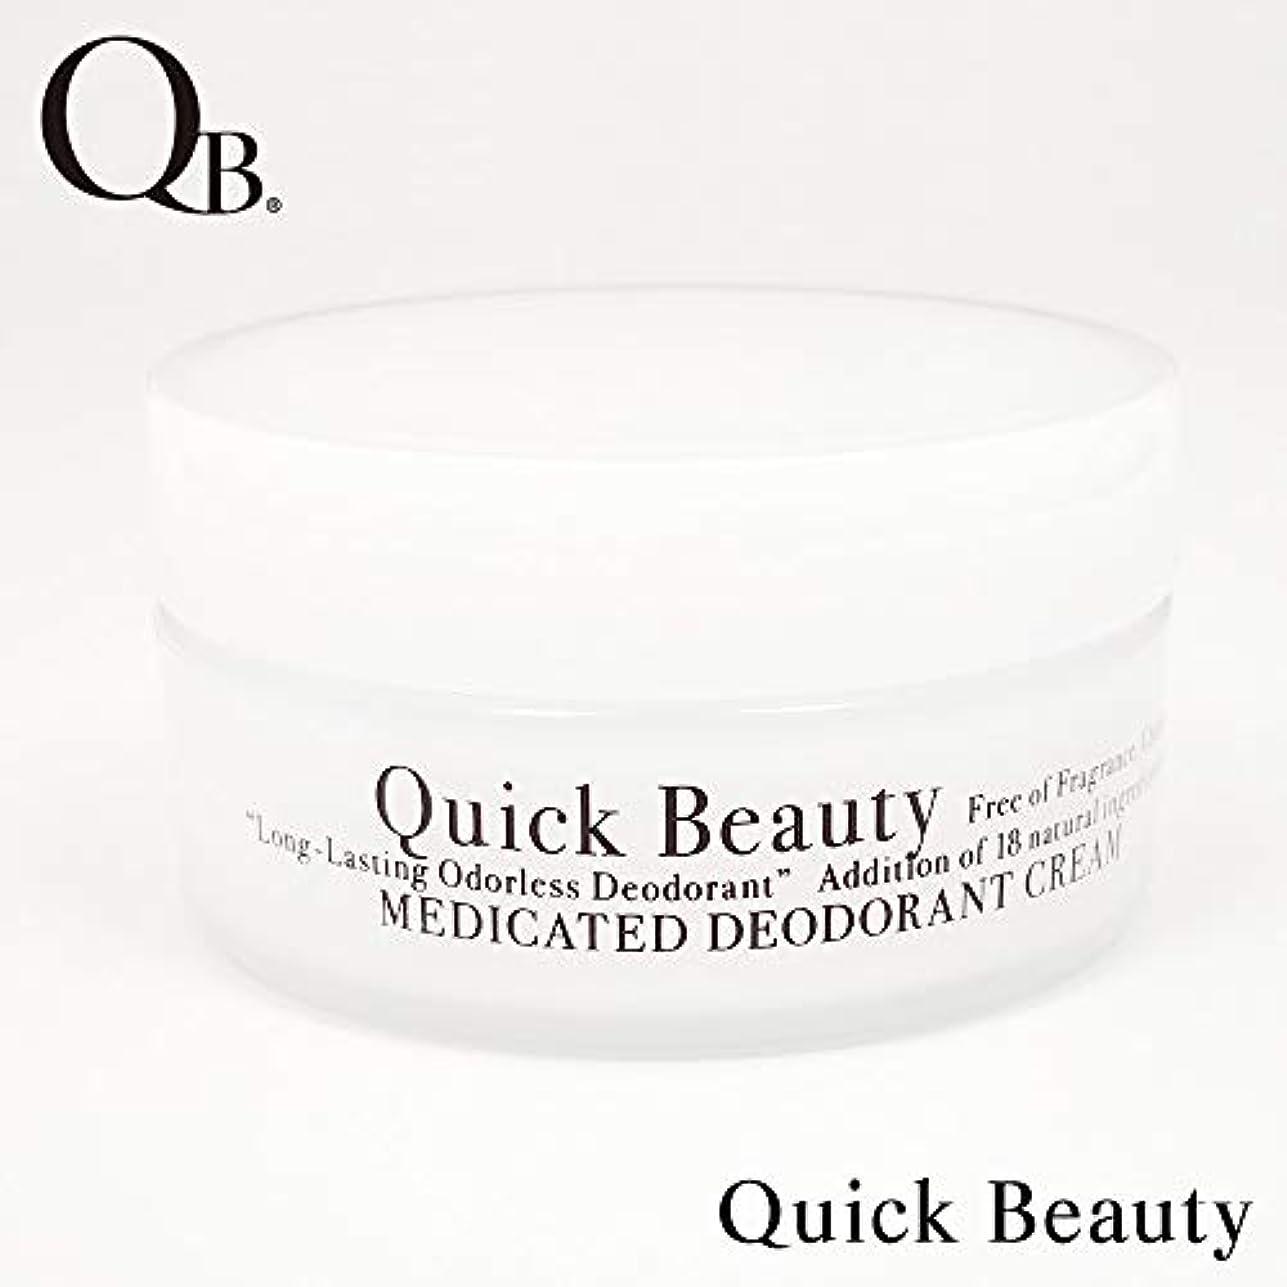 QB薬用デオドラントクリーム (クリーム 30g) QBデオドラントクリーム リベルタ クイックビューティー QB 薬用 ニオイ 防臭 匂い 制汗